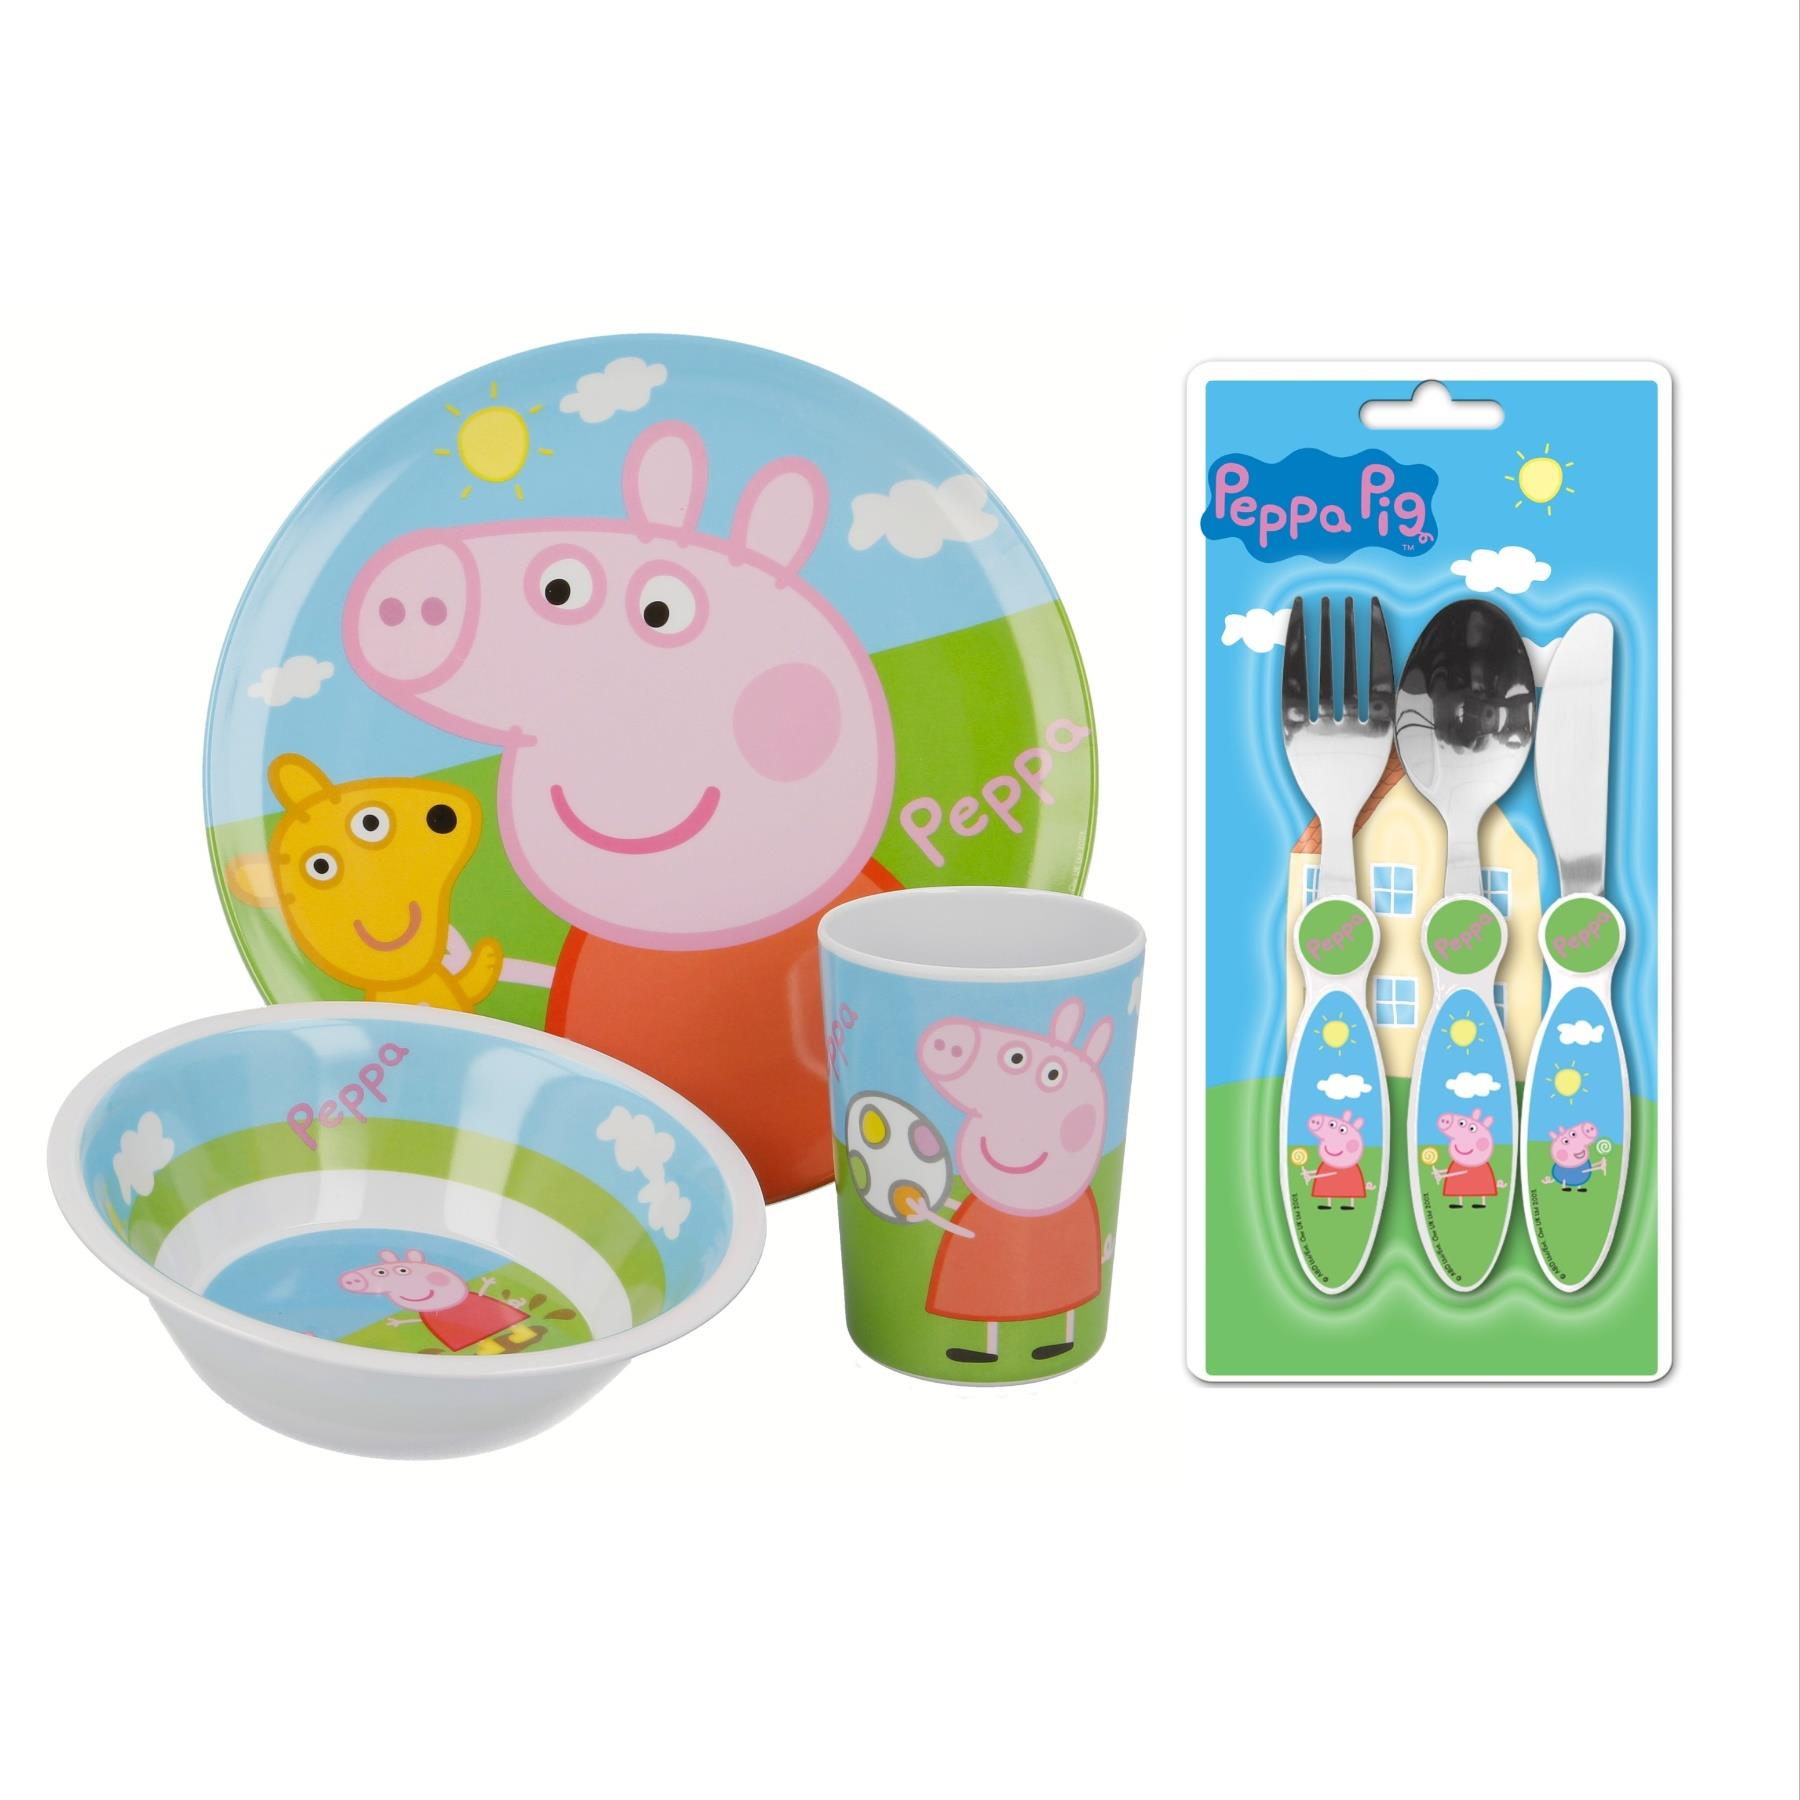 Peppa Pig Enfant Salle à Manger & Set De Couverts-assiette, Bol, Gobelet, Couteau, Fourchette & Cuillère-afficher Le Titre D'origine